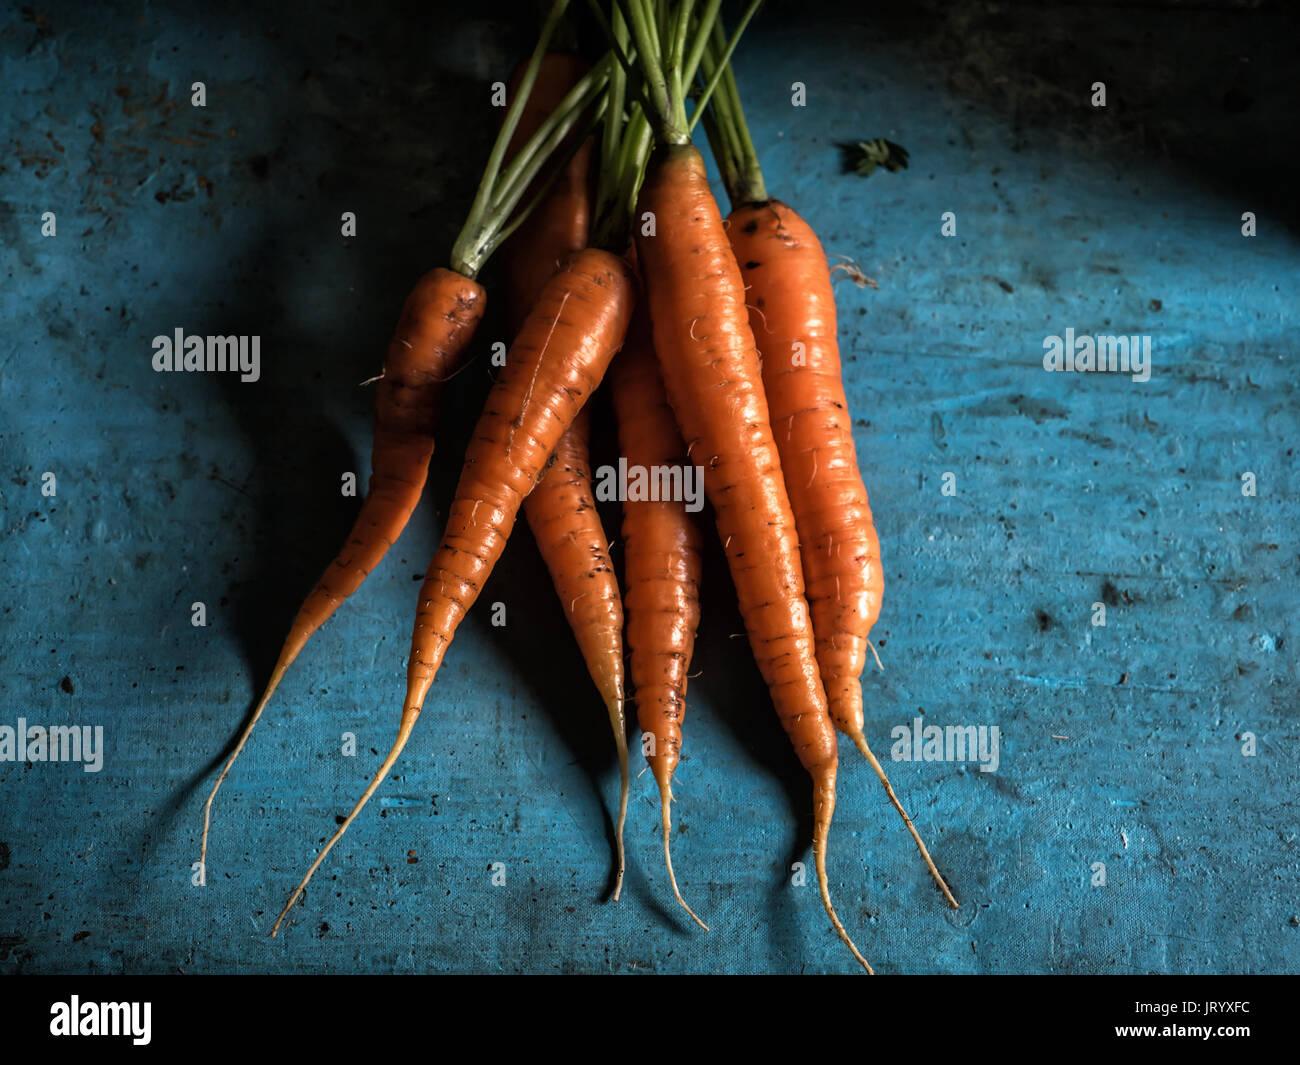 Carote mazzetto freschezza harvest carotene antiossidante della vitamina per ricette Immagini Stock